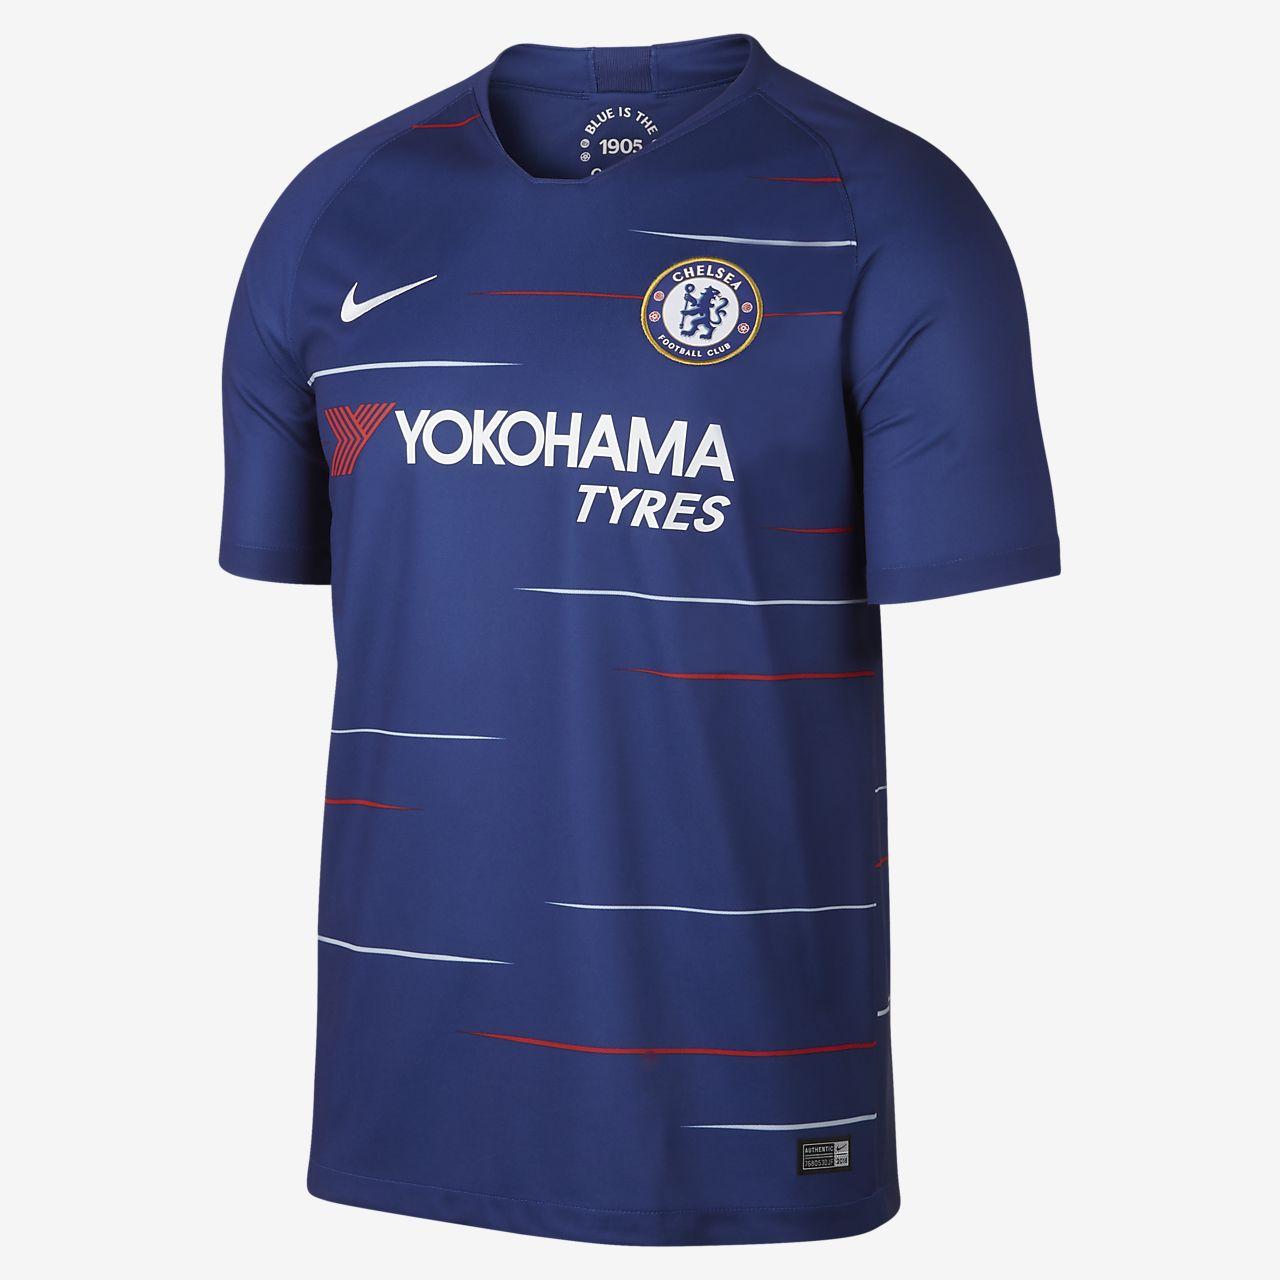 6500321c163aa Camiseta de fútbol para hombres 2018 19 Chelsea FC Stadium Home ...